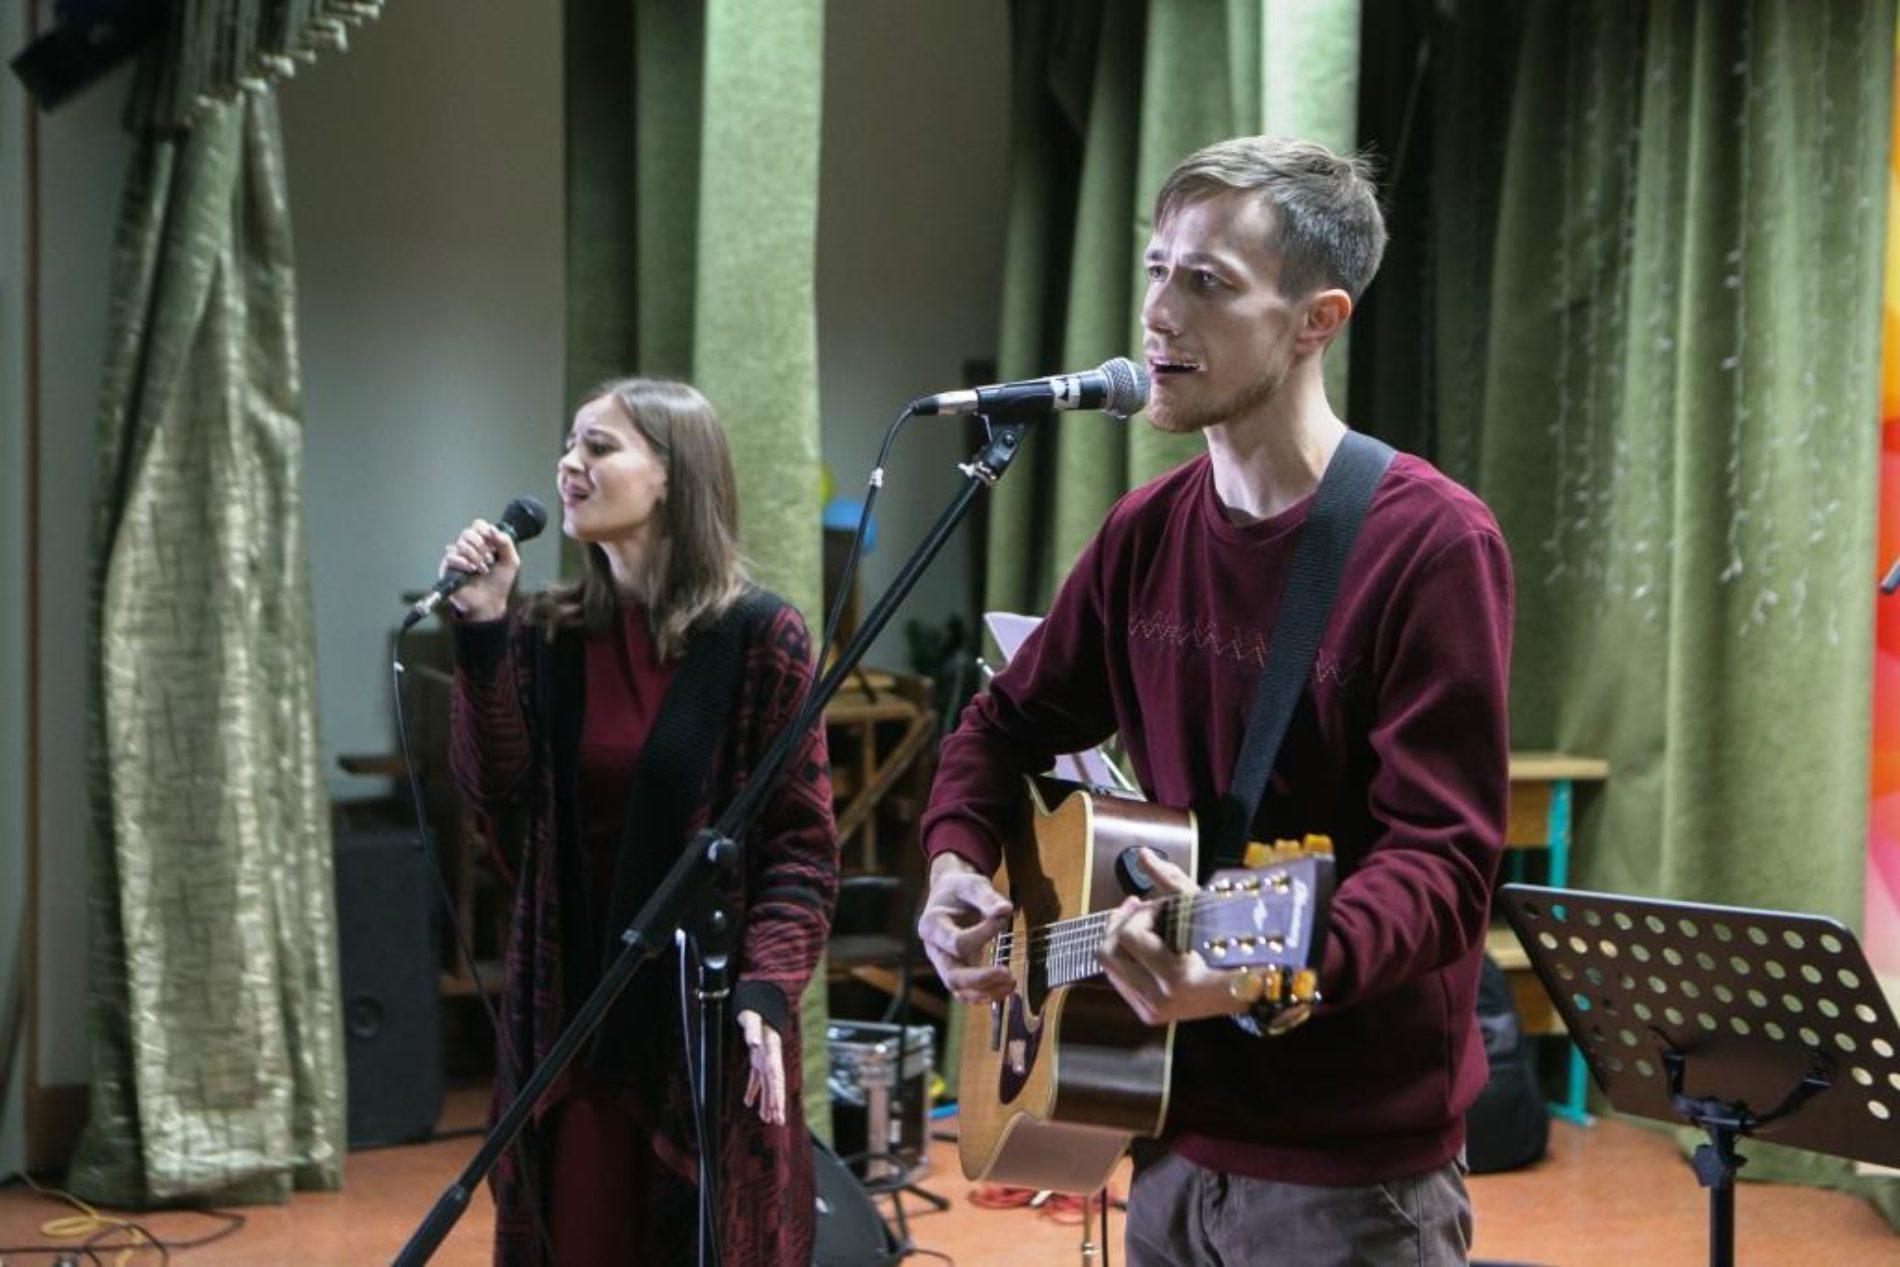 Фестиваль «Надія» пройшов у місті Боярка на Київщині